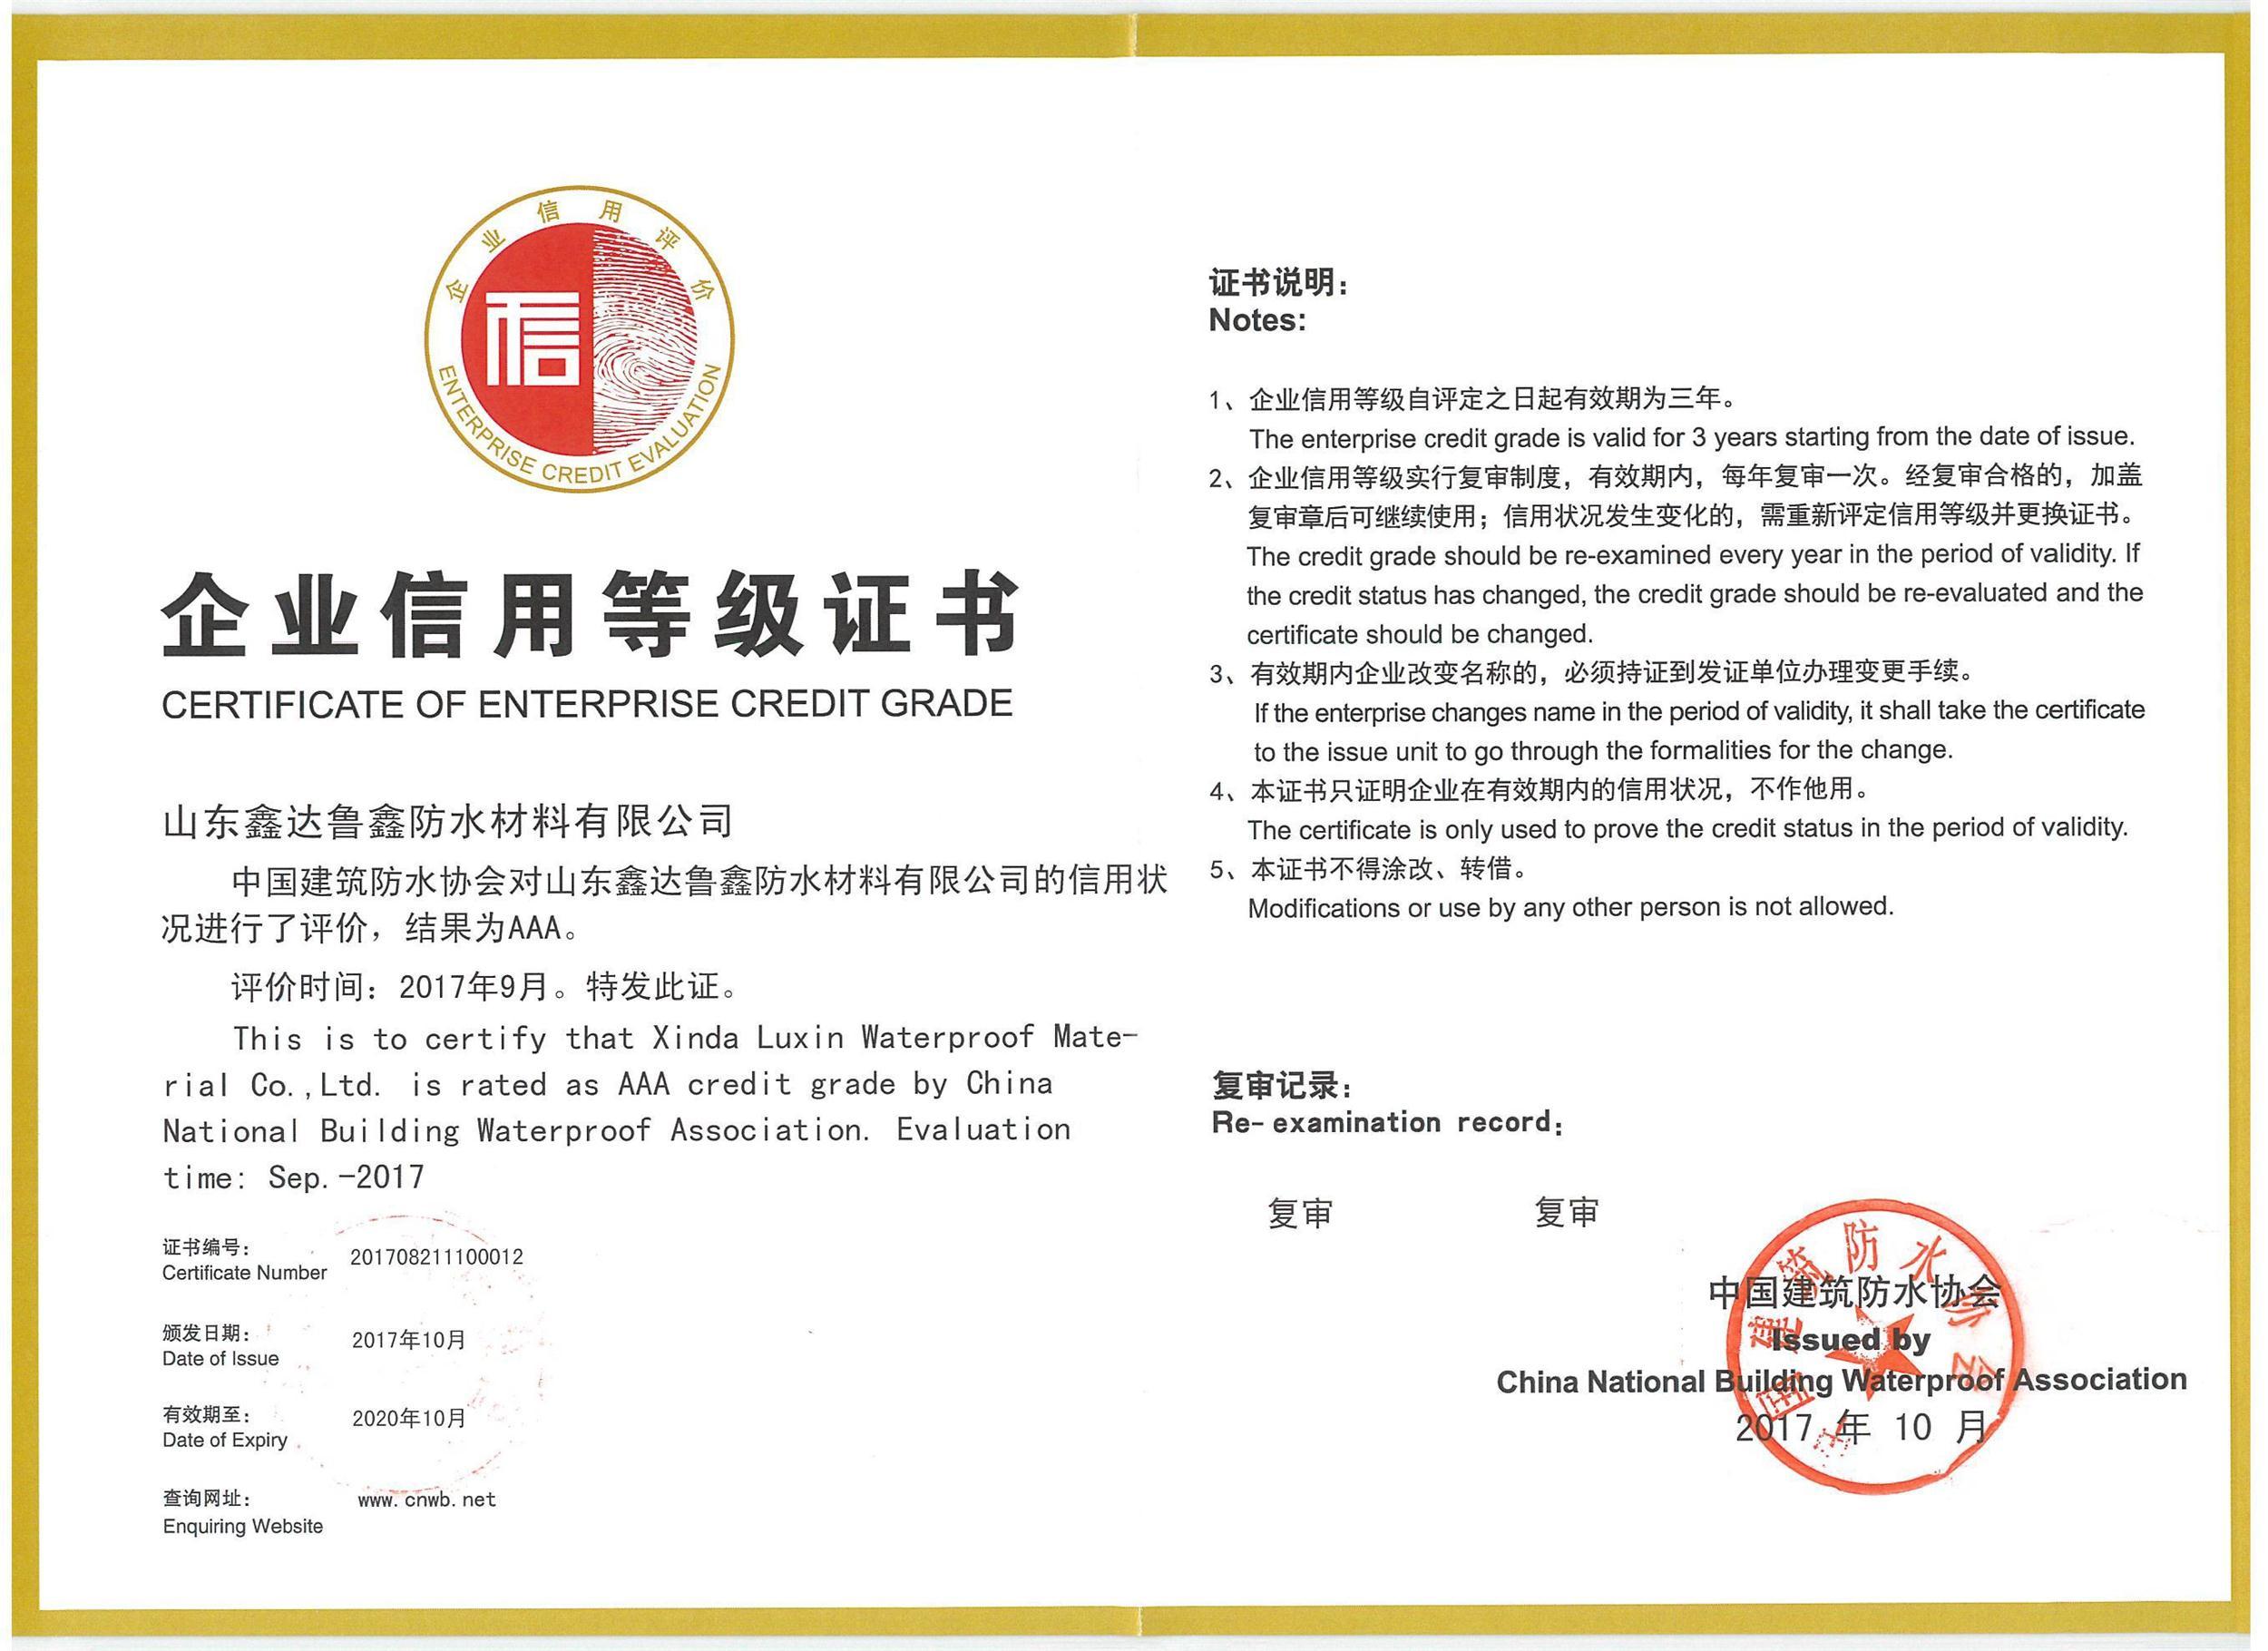 鲁鑫防水荣获2017年度AAA级企业信用等级证书